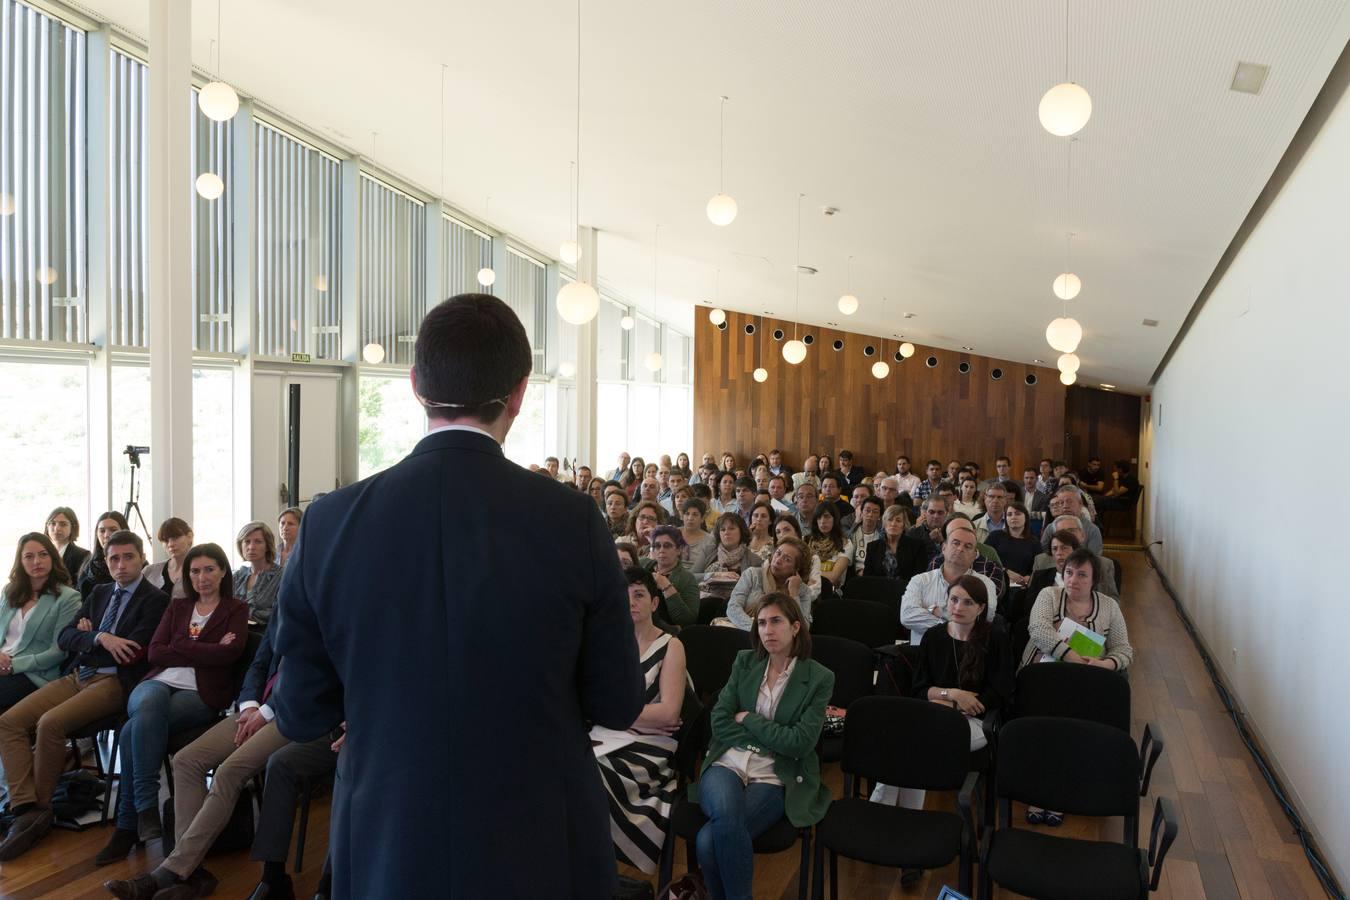 Una jornada técnica sobre los cambios en el sector vitivinícola reúne a más de 160 asistentes